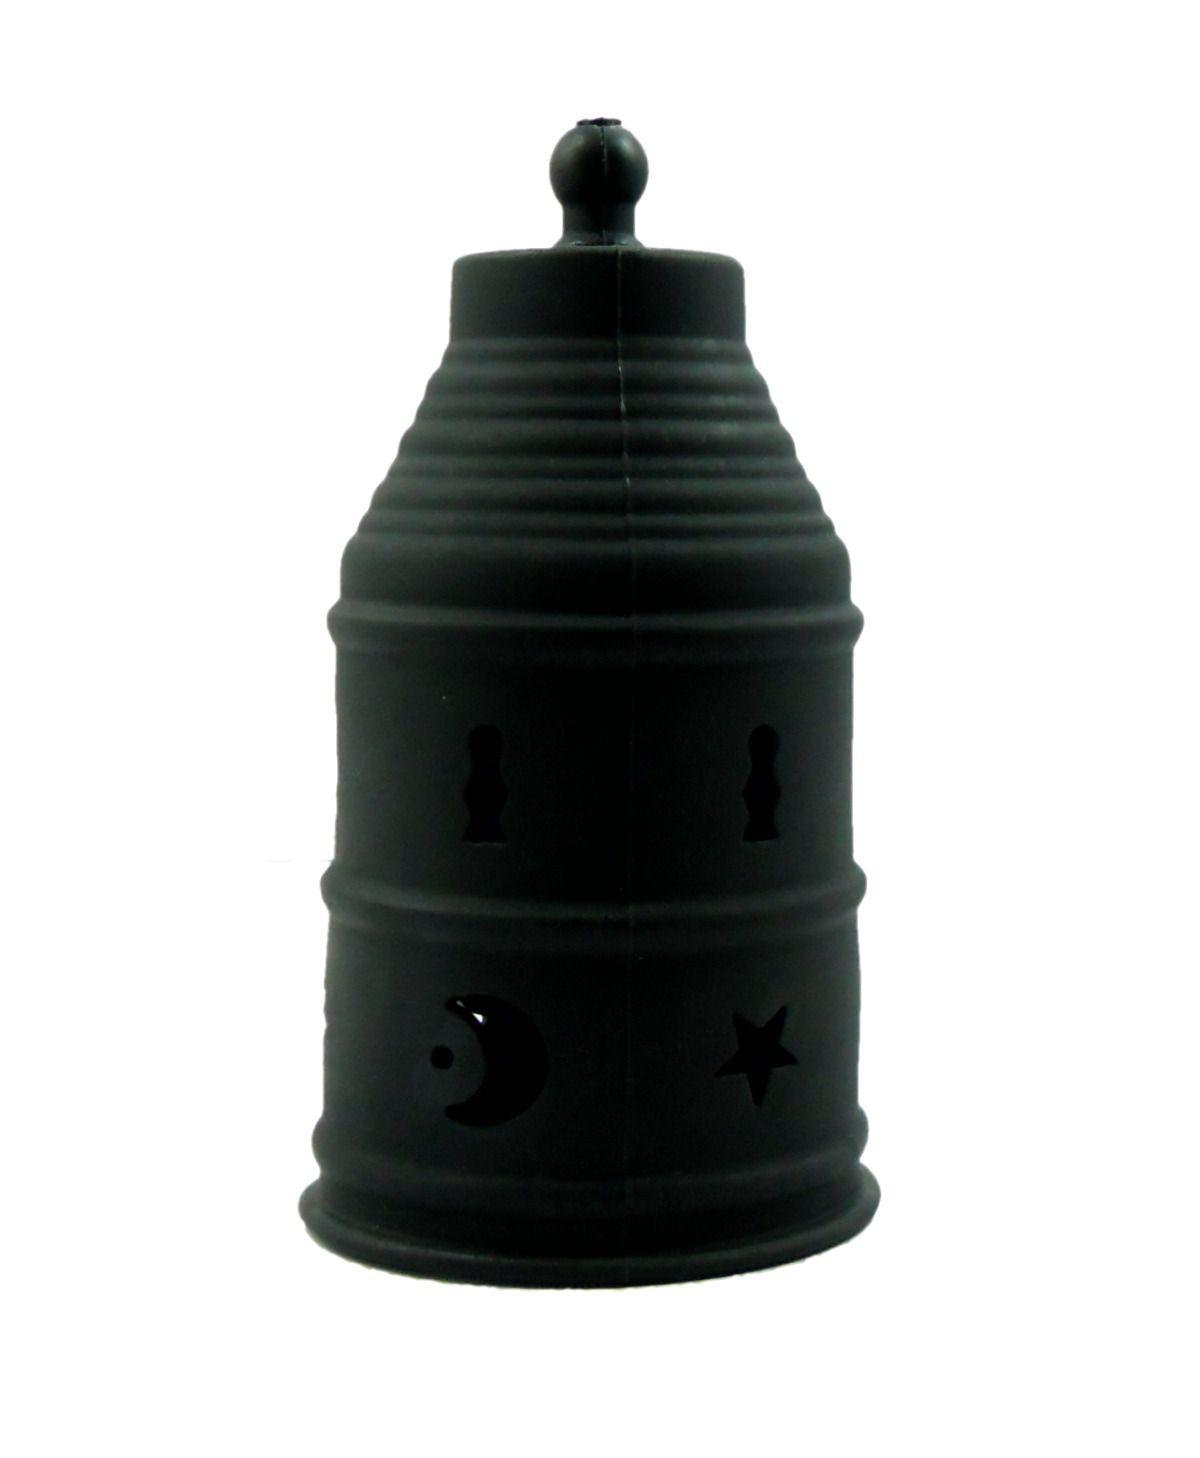 Abafador para narguile marca Rei do Narguile, em silicone. 9,5 cm de diâmetro e 19 cm de altura.